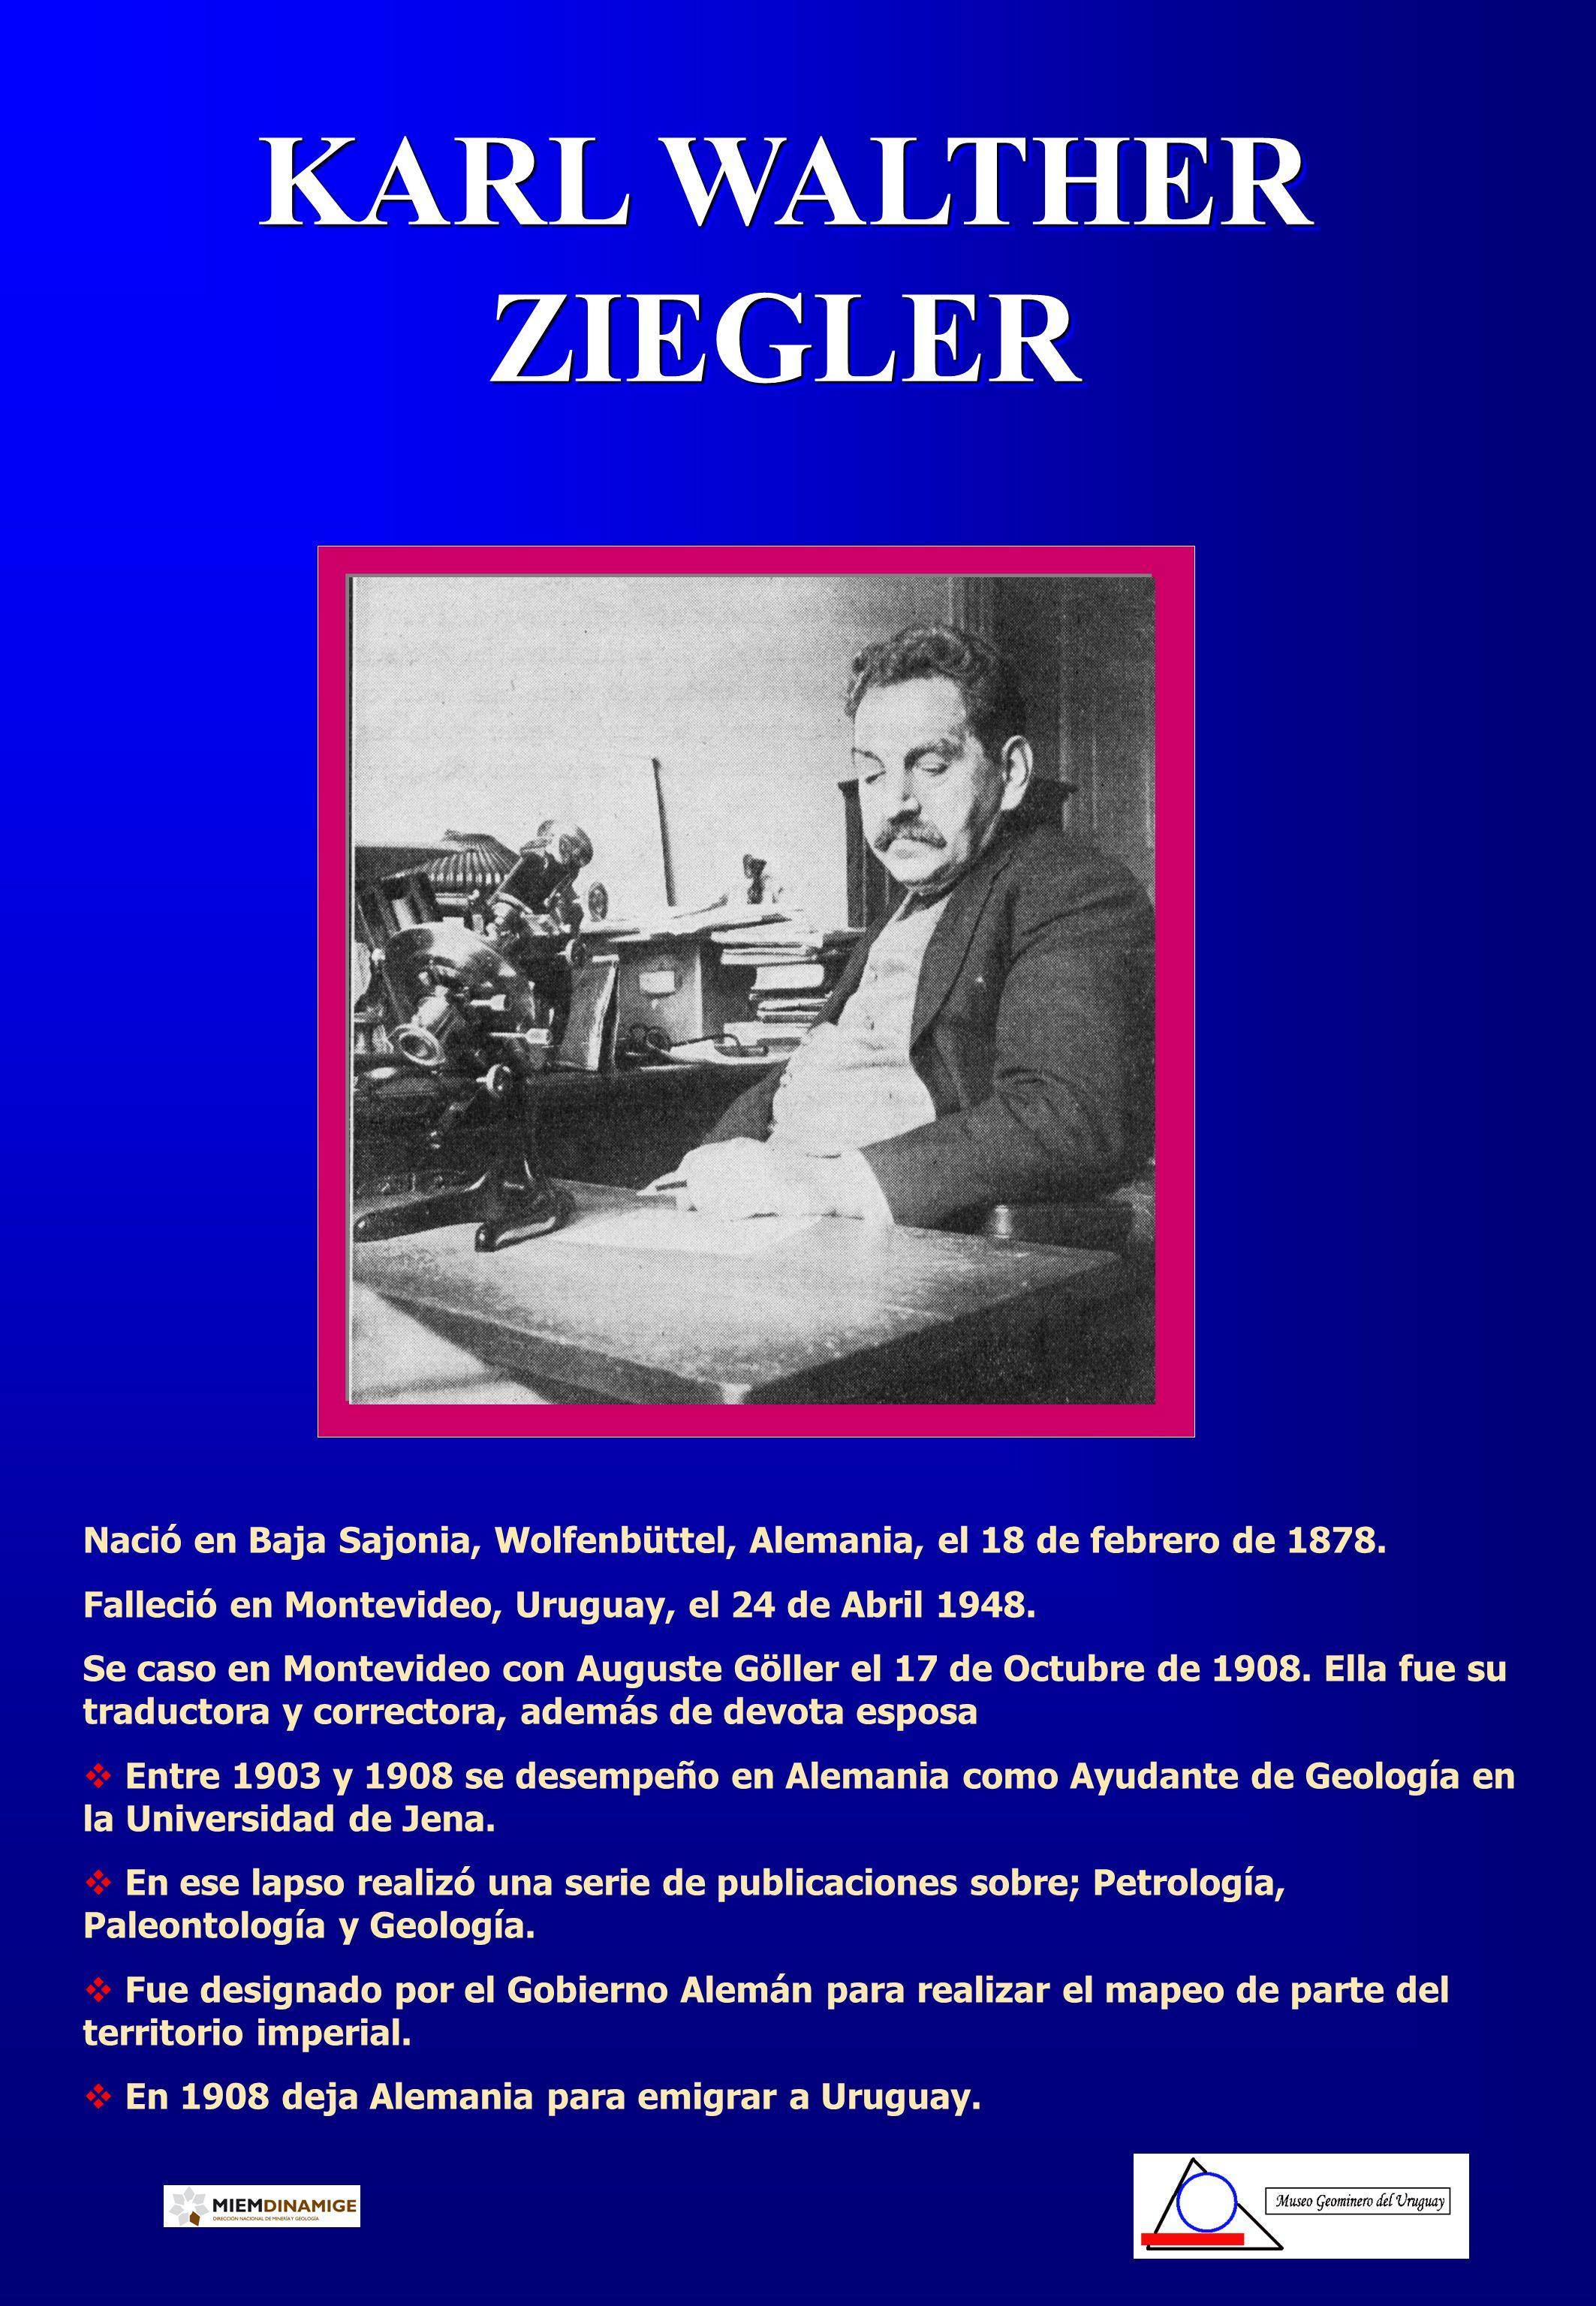 KARL WALTHER ZIEGLER Nació en Baja Sajonia, Wolfenbüttel, Alemania, el 18 de febrero de 1878. Falleció en Montevideo, Uruguay, el 24 de Abril 1948.